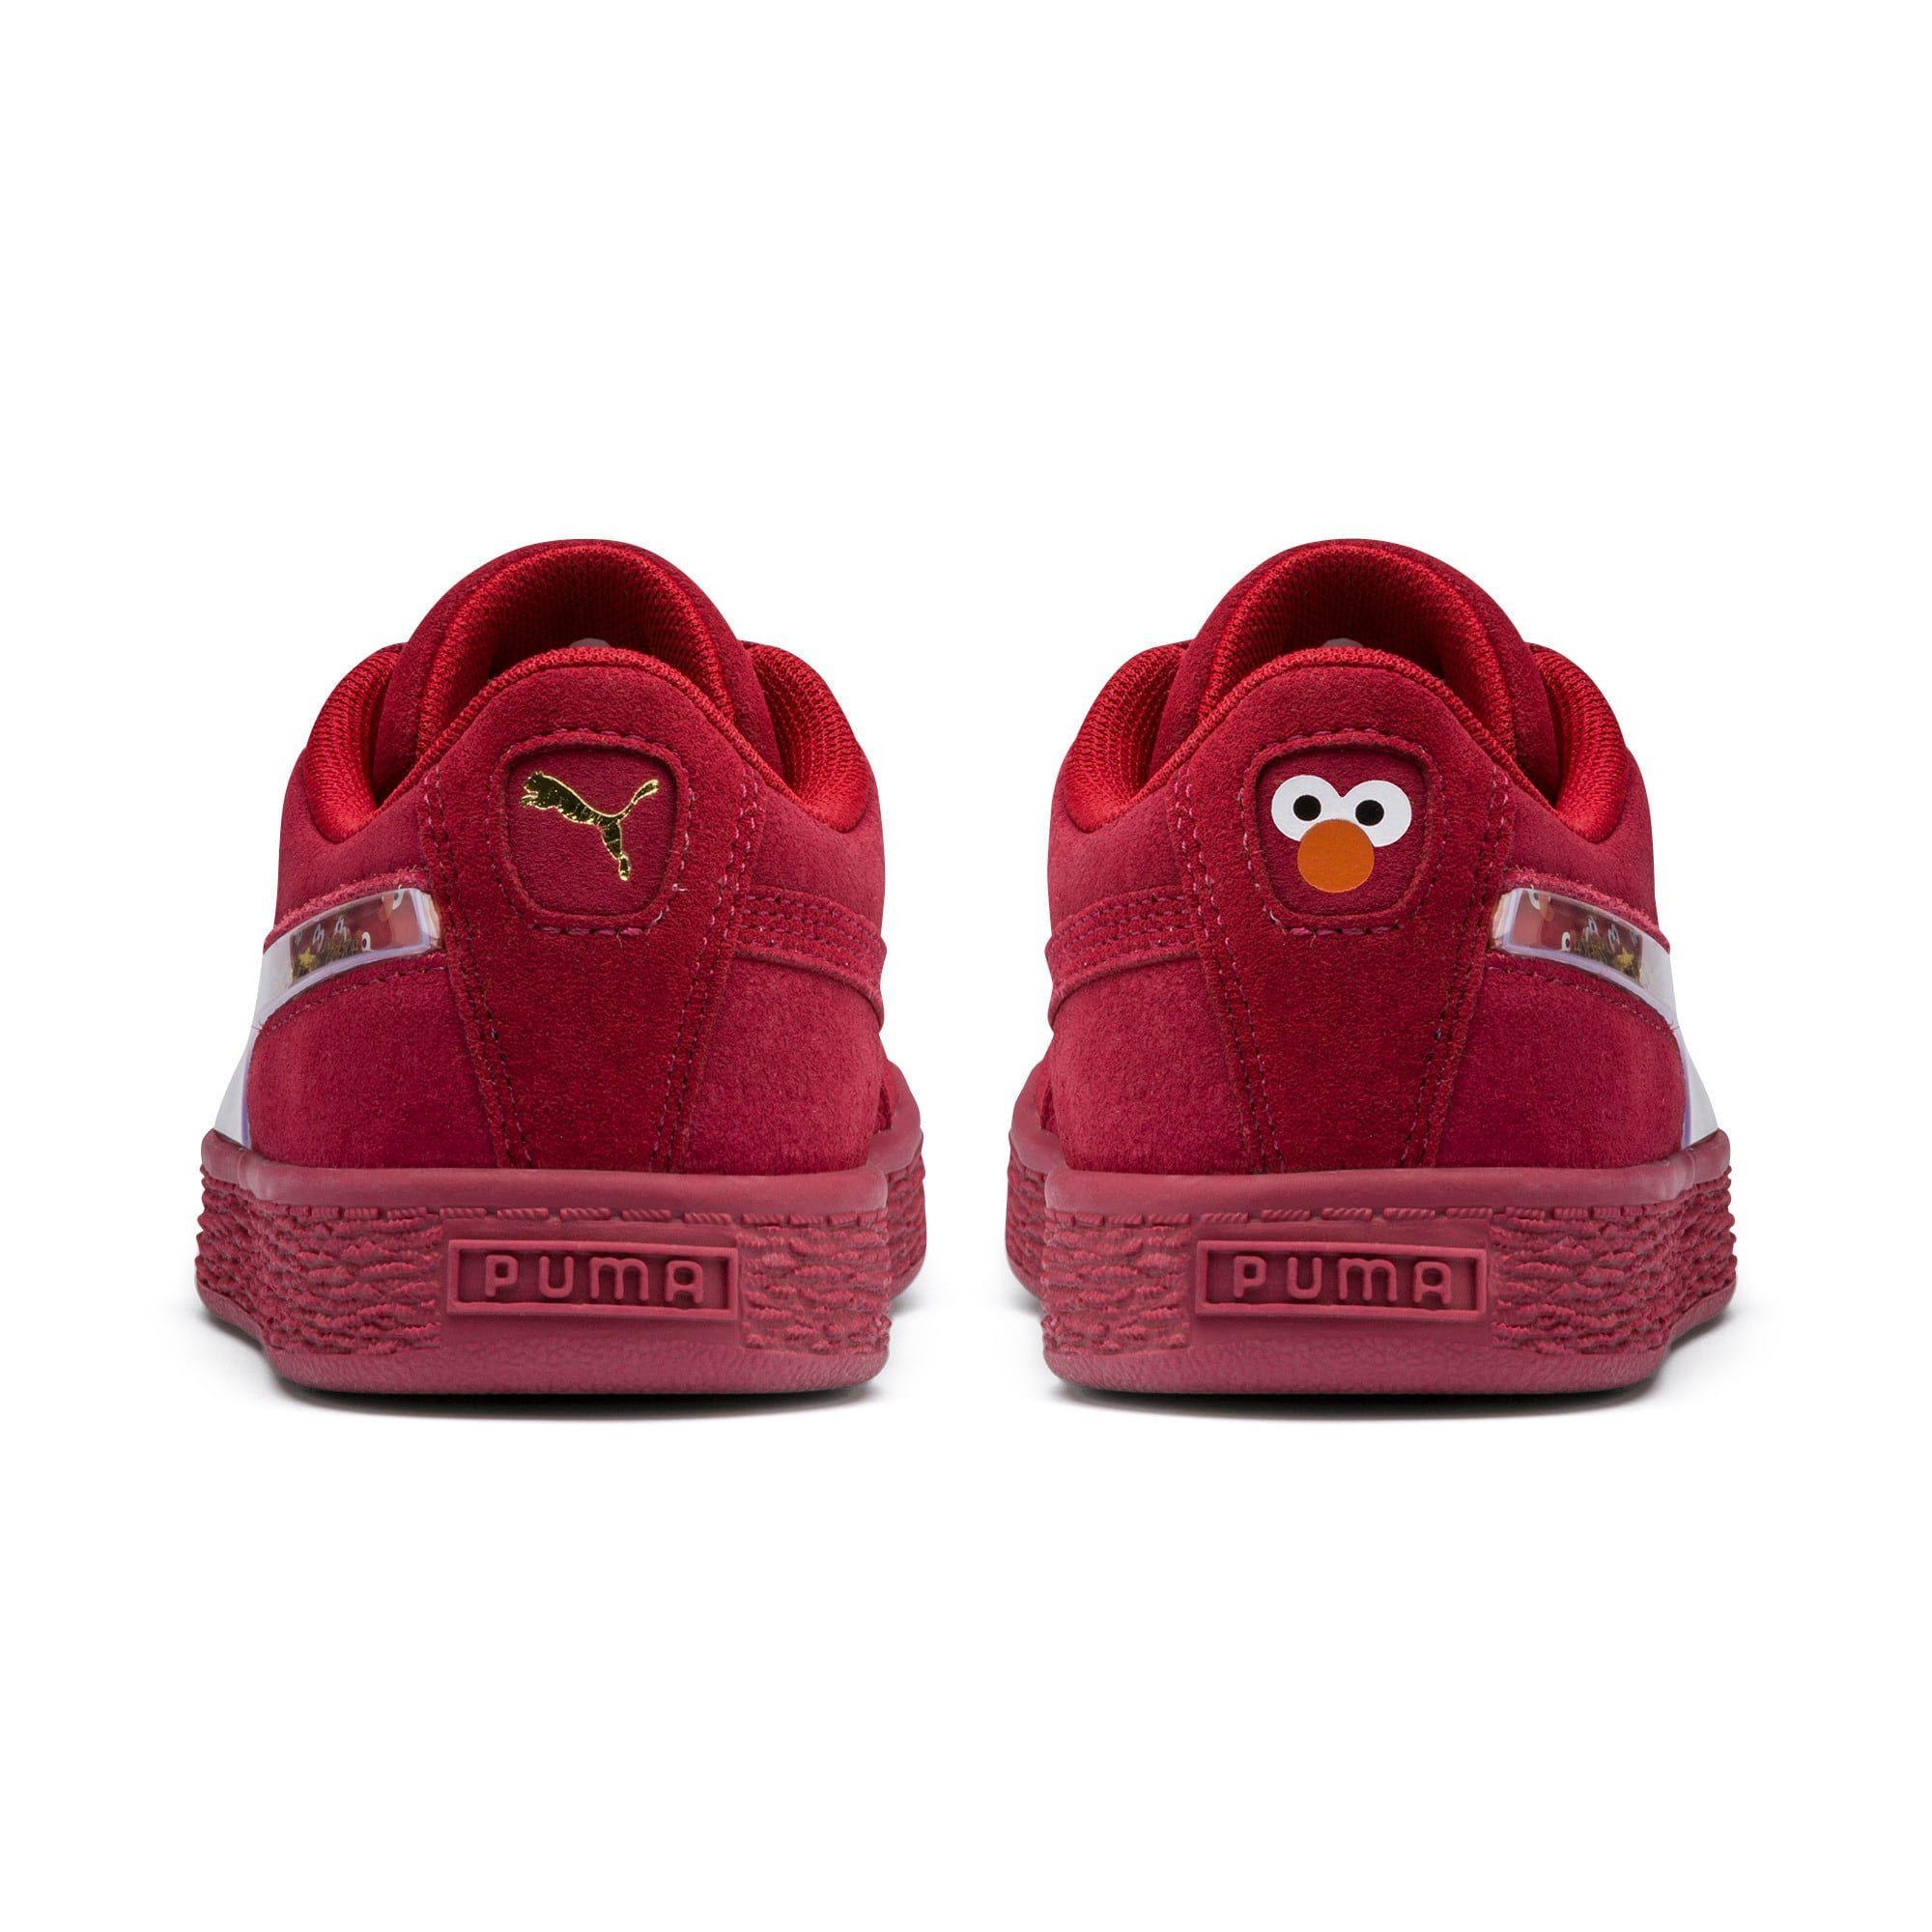 PUMA Chaussure Basket Rue Sésame 50 Suede Statement Kids